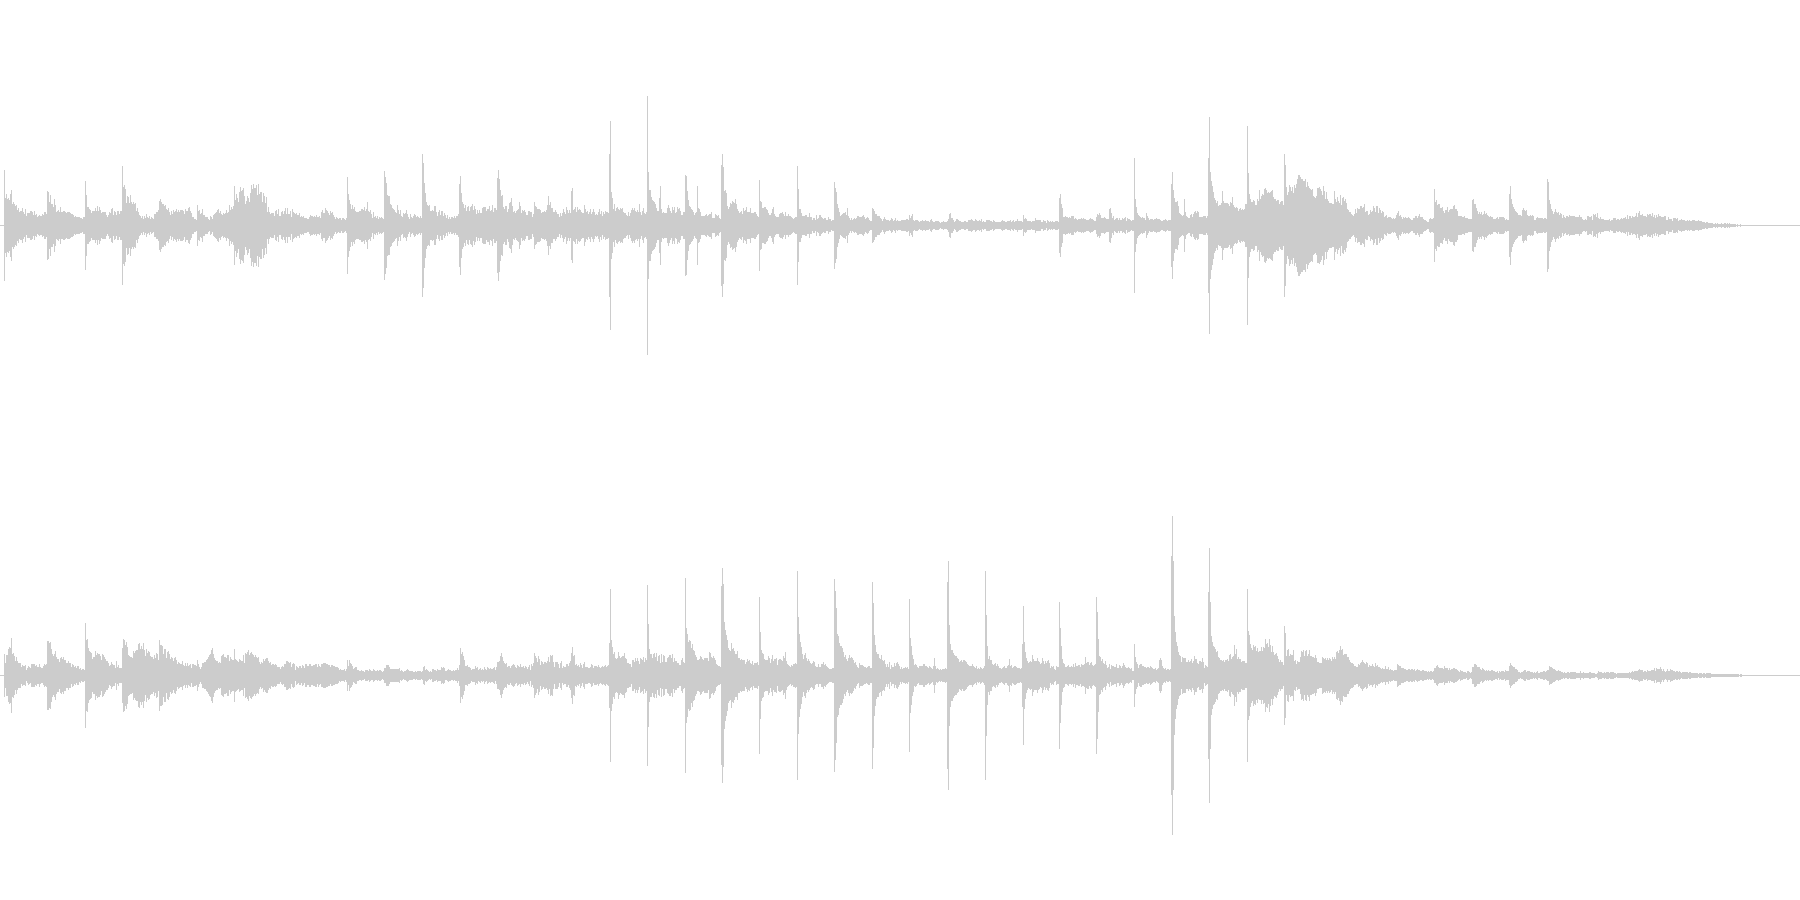 「漂う」テーマのアイキャッチ音の未再生の波形